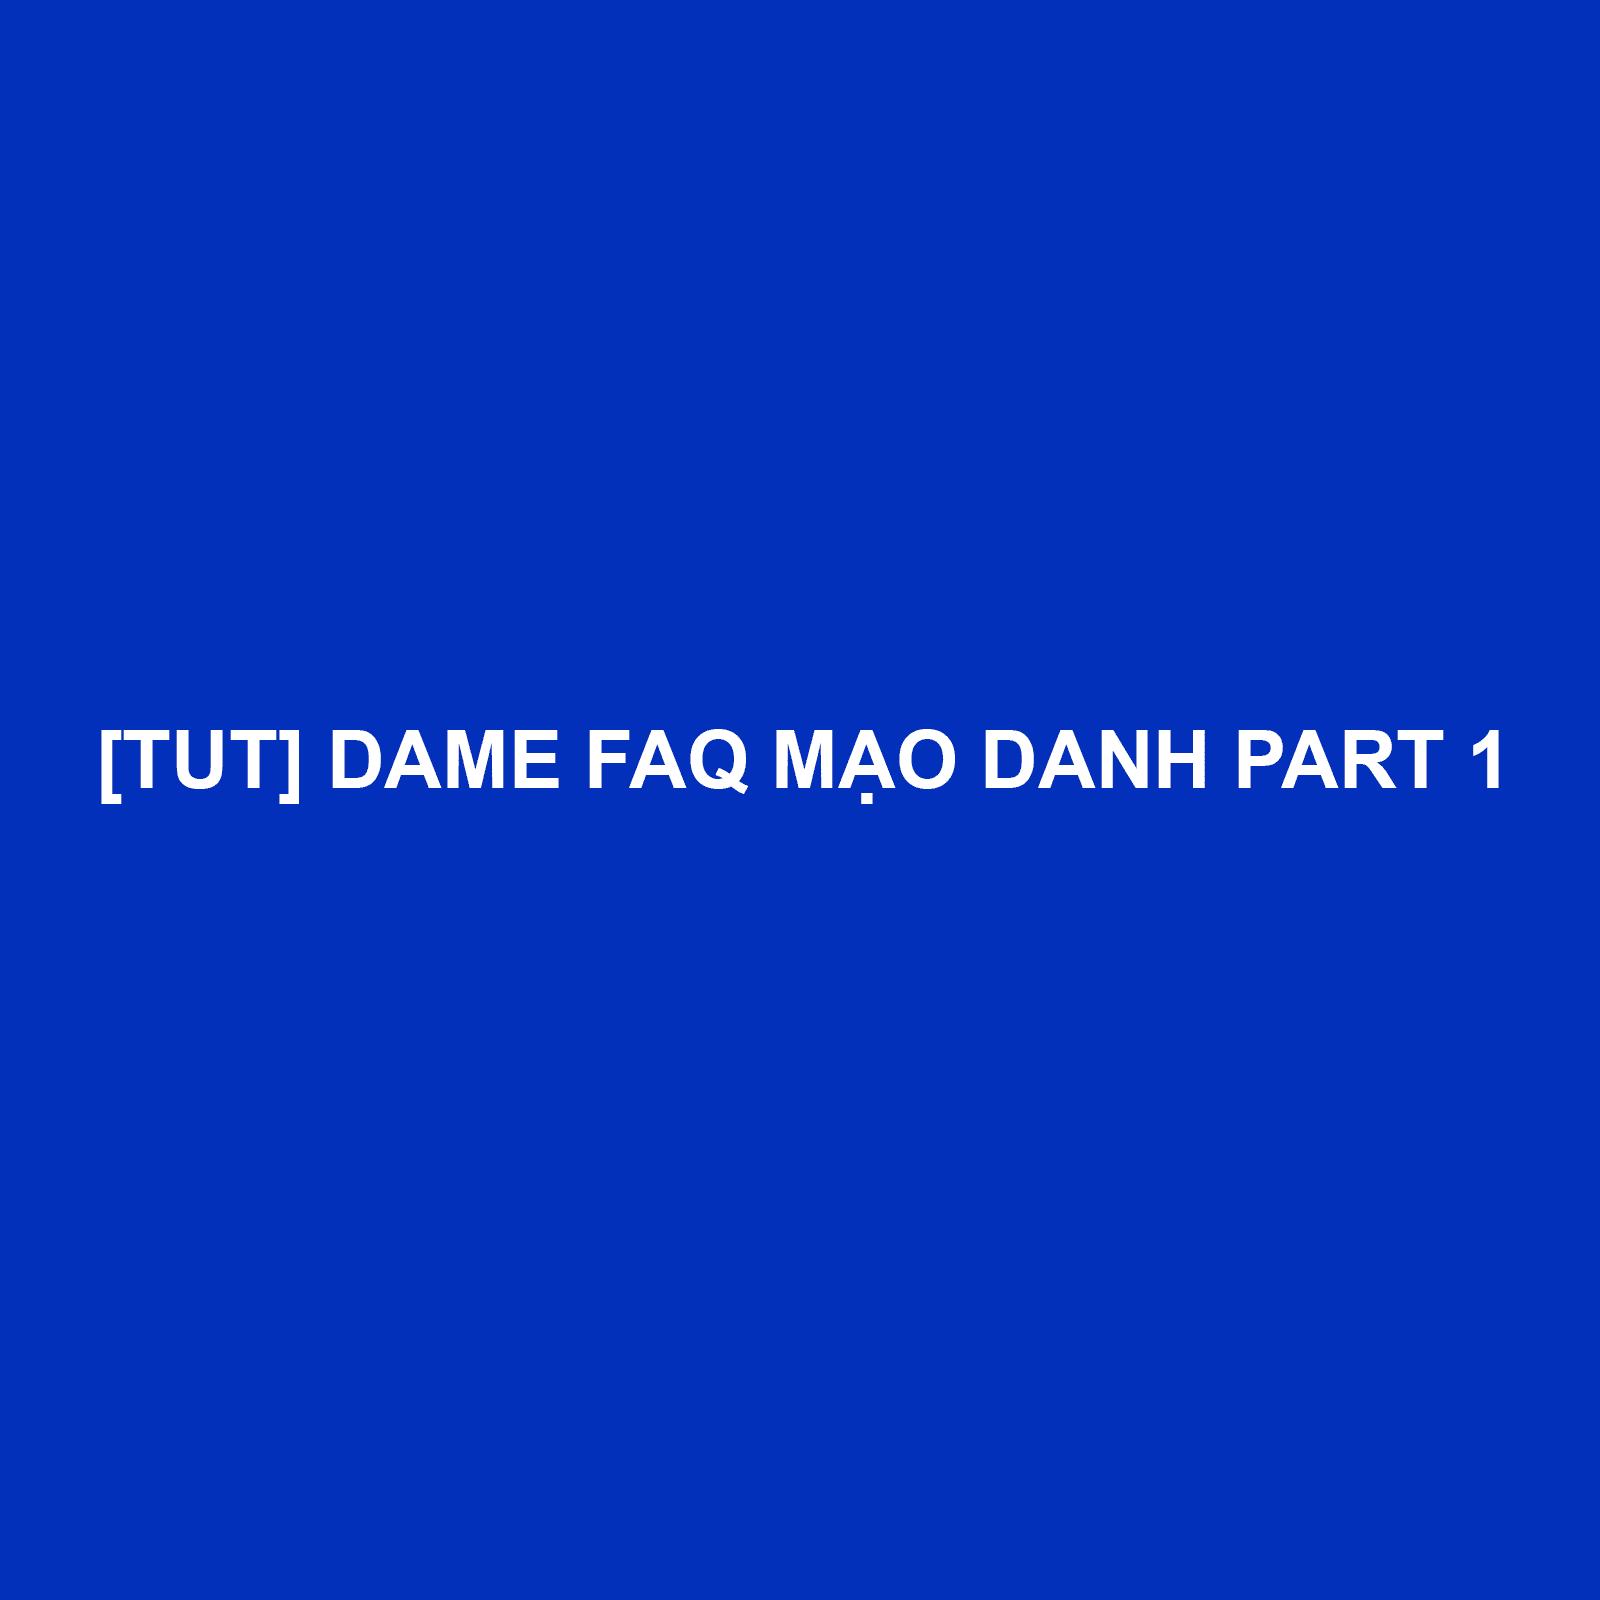 tut-dame-faq-md-part-1,-rip-faq-md-part-1,-report-faq-md-part-1,-huong-dan-cach-rip-nich-faq-md-part-1,-cach-dame-faq-facebook,-faq-md-part-1